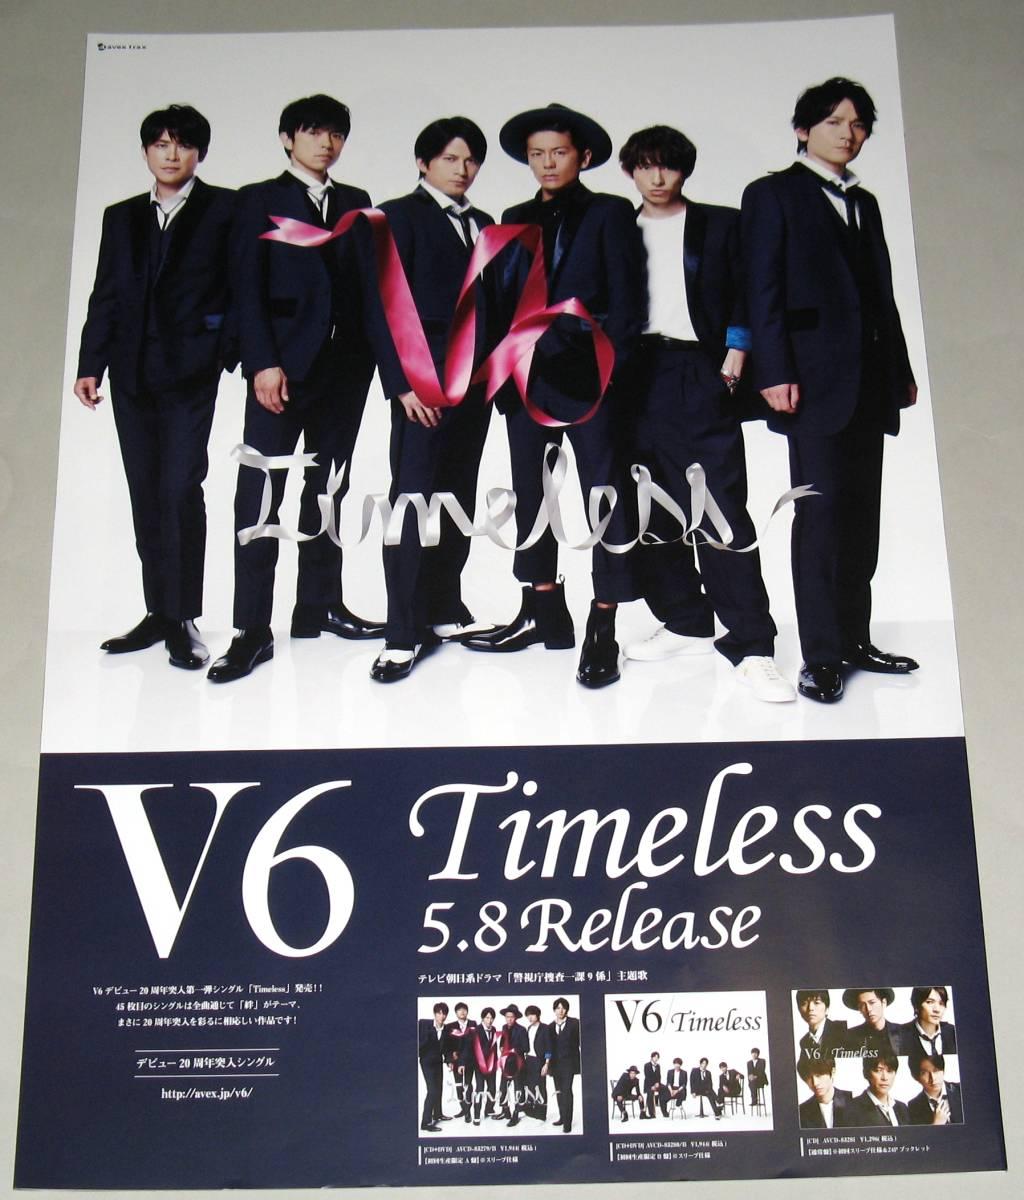 告知ポスター V6 [Timeless]